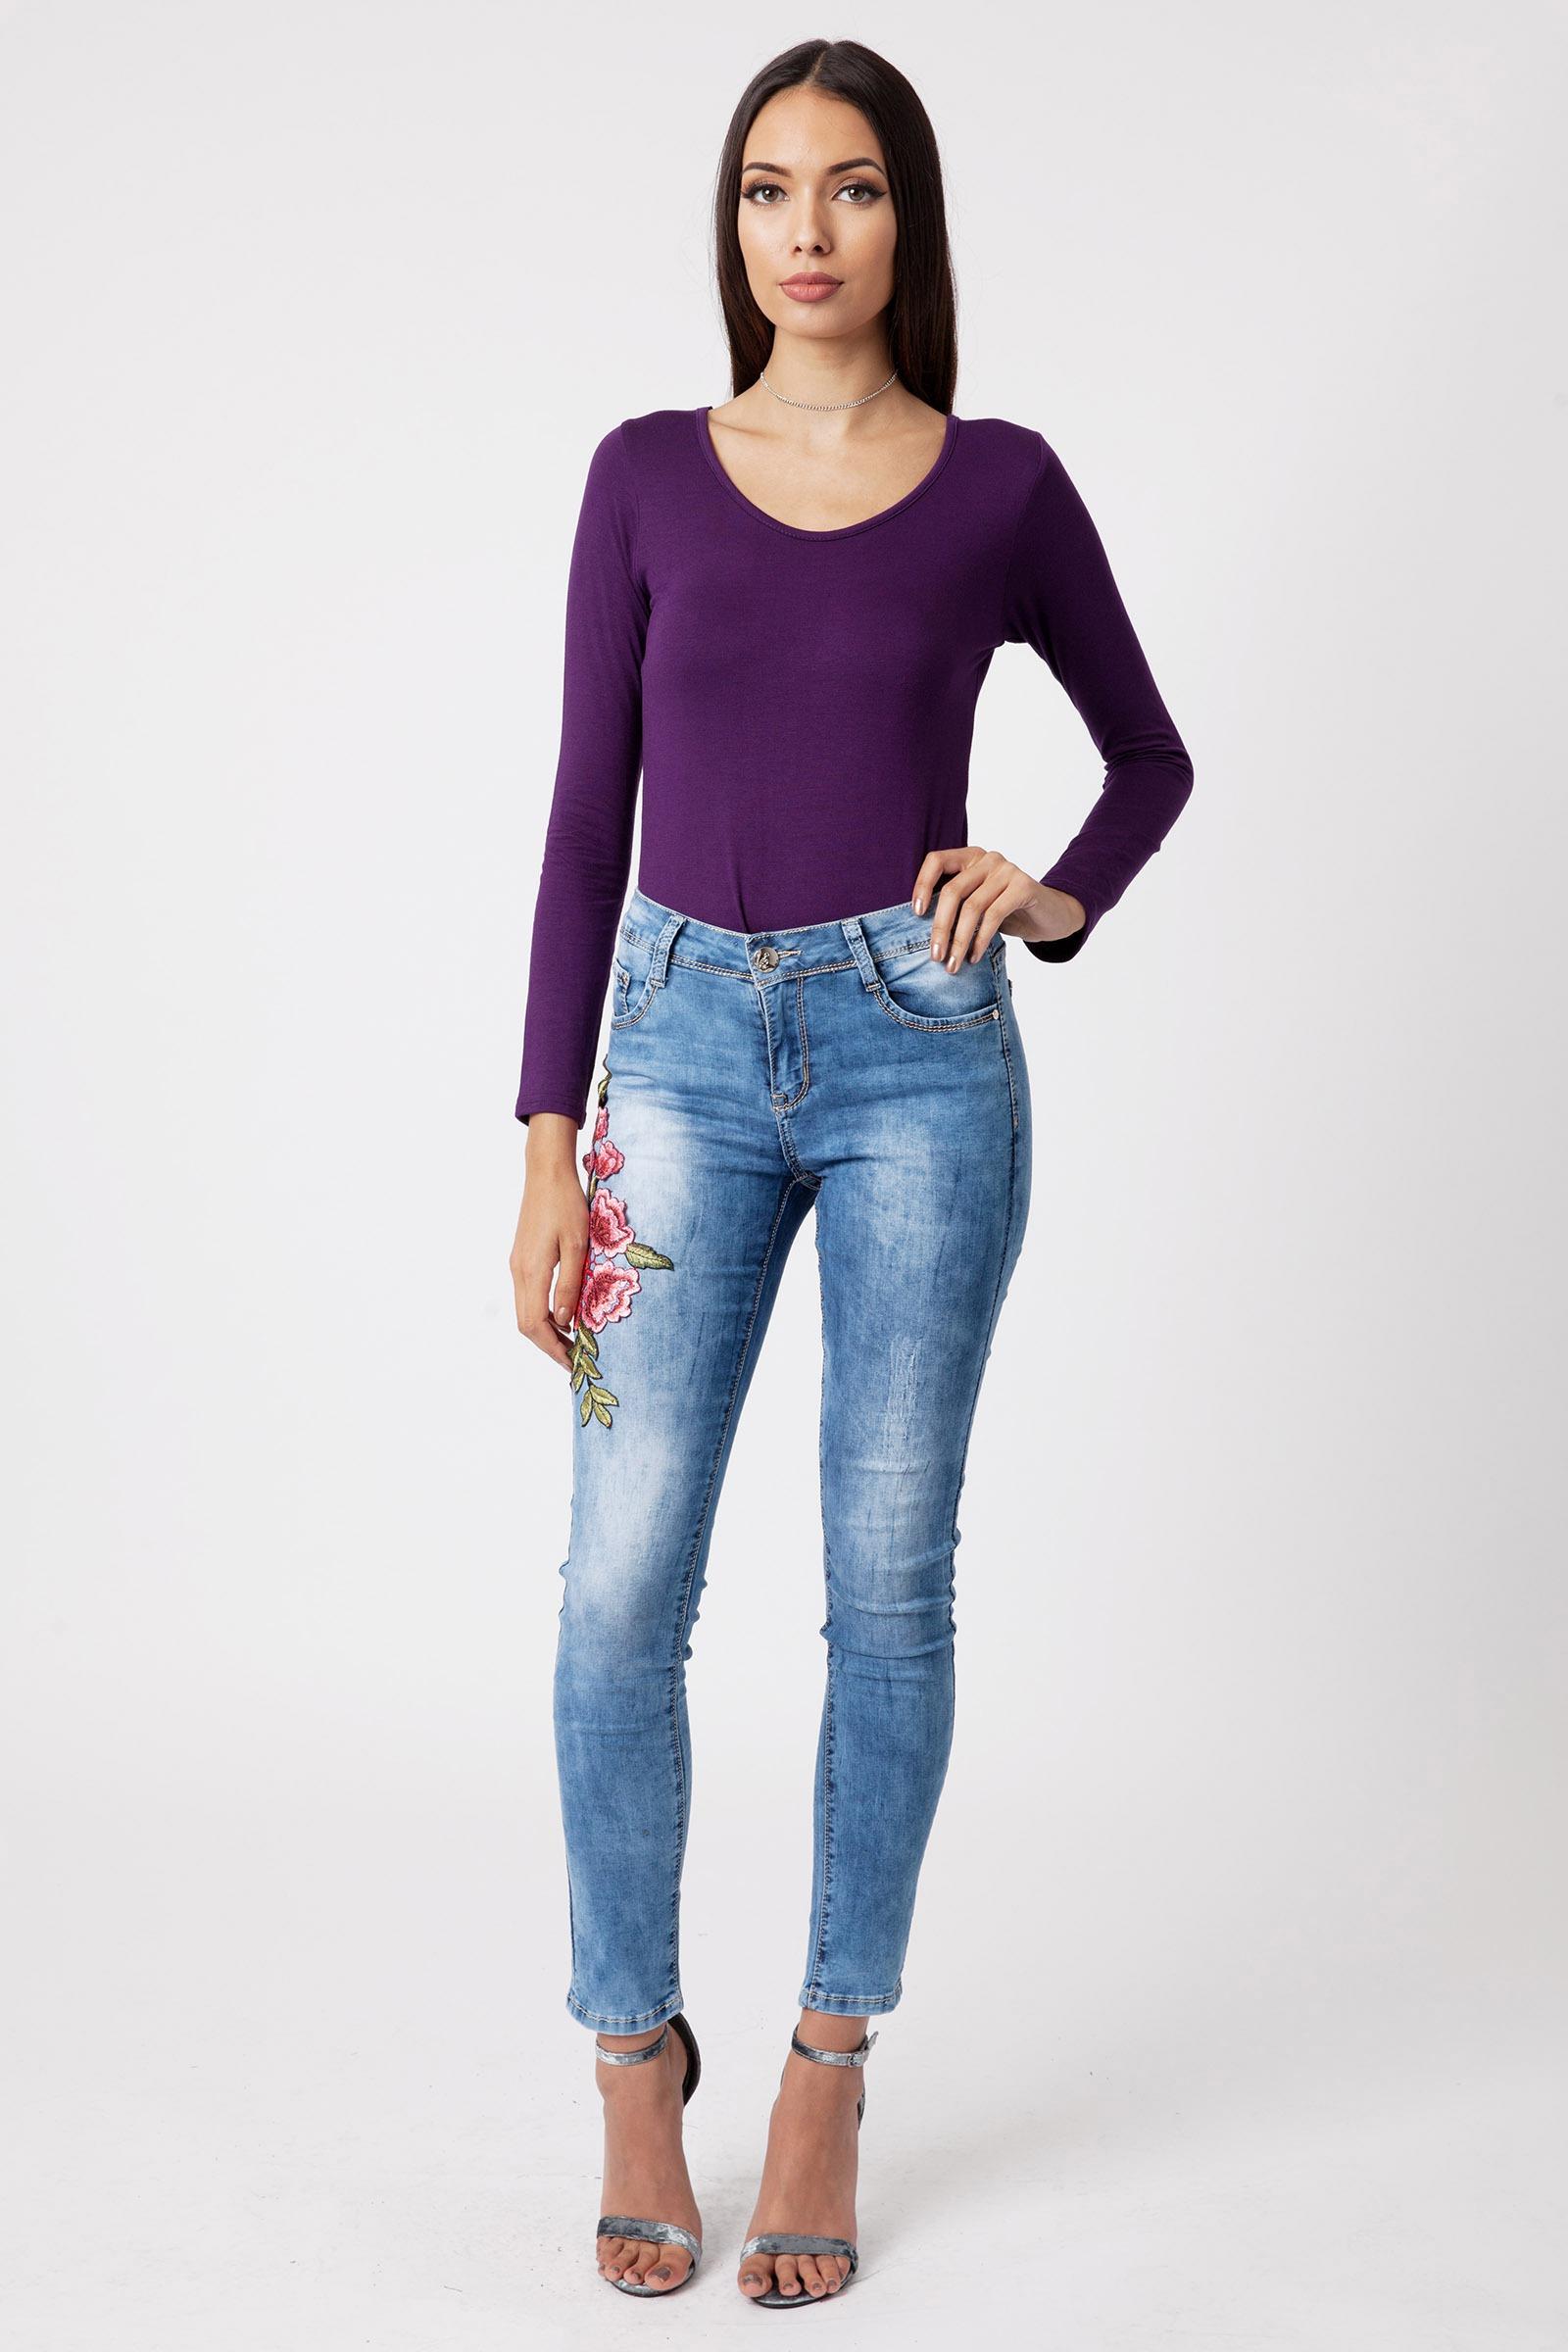 82e4ca3ffe Purple Long Sleeve Scoop Neck Bodysuit |Bodysuits